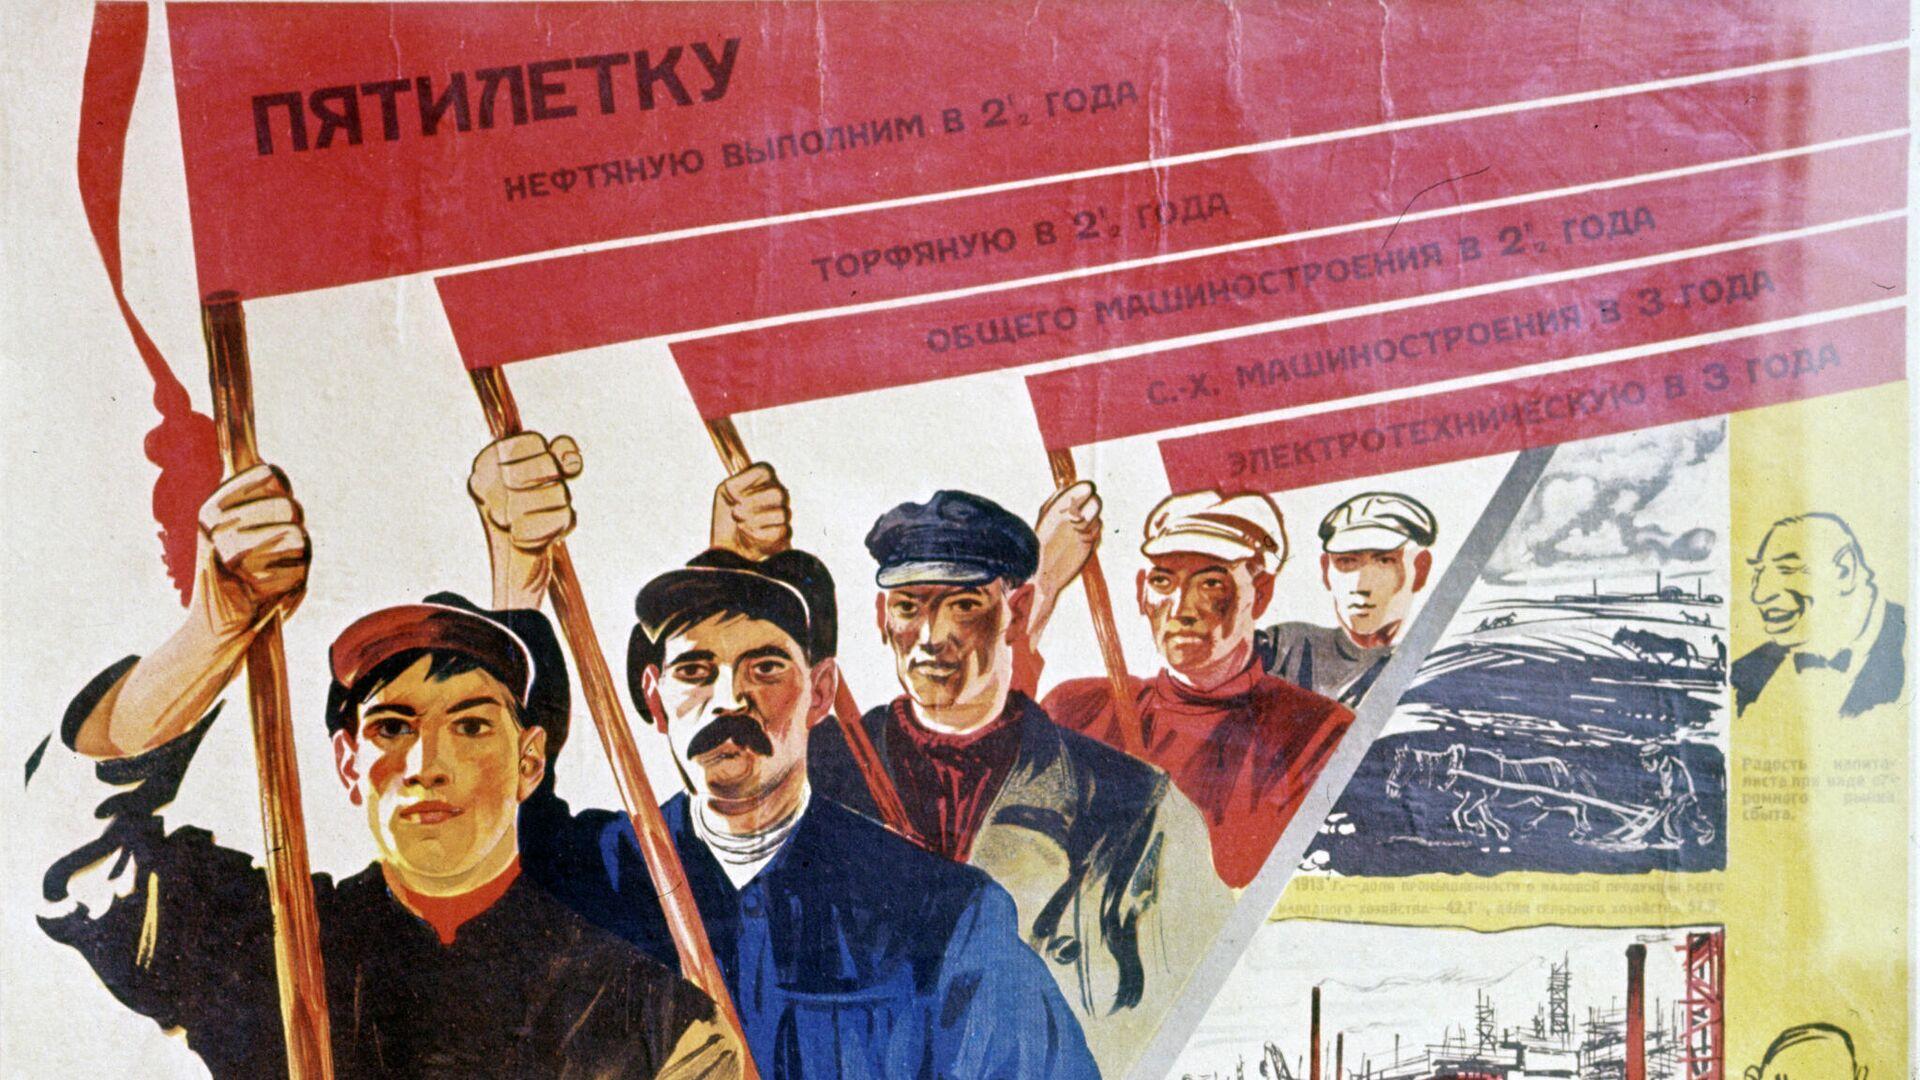 Плакат 1930 года из экспозиции Центрального музея Революции СССР - РИА Новости, 1920, 09.12.2020